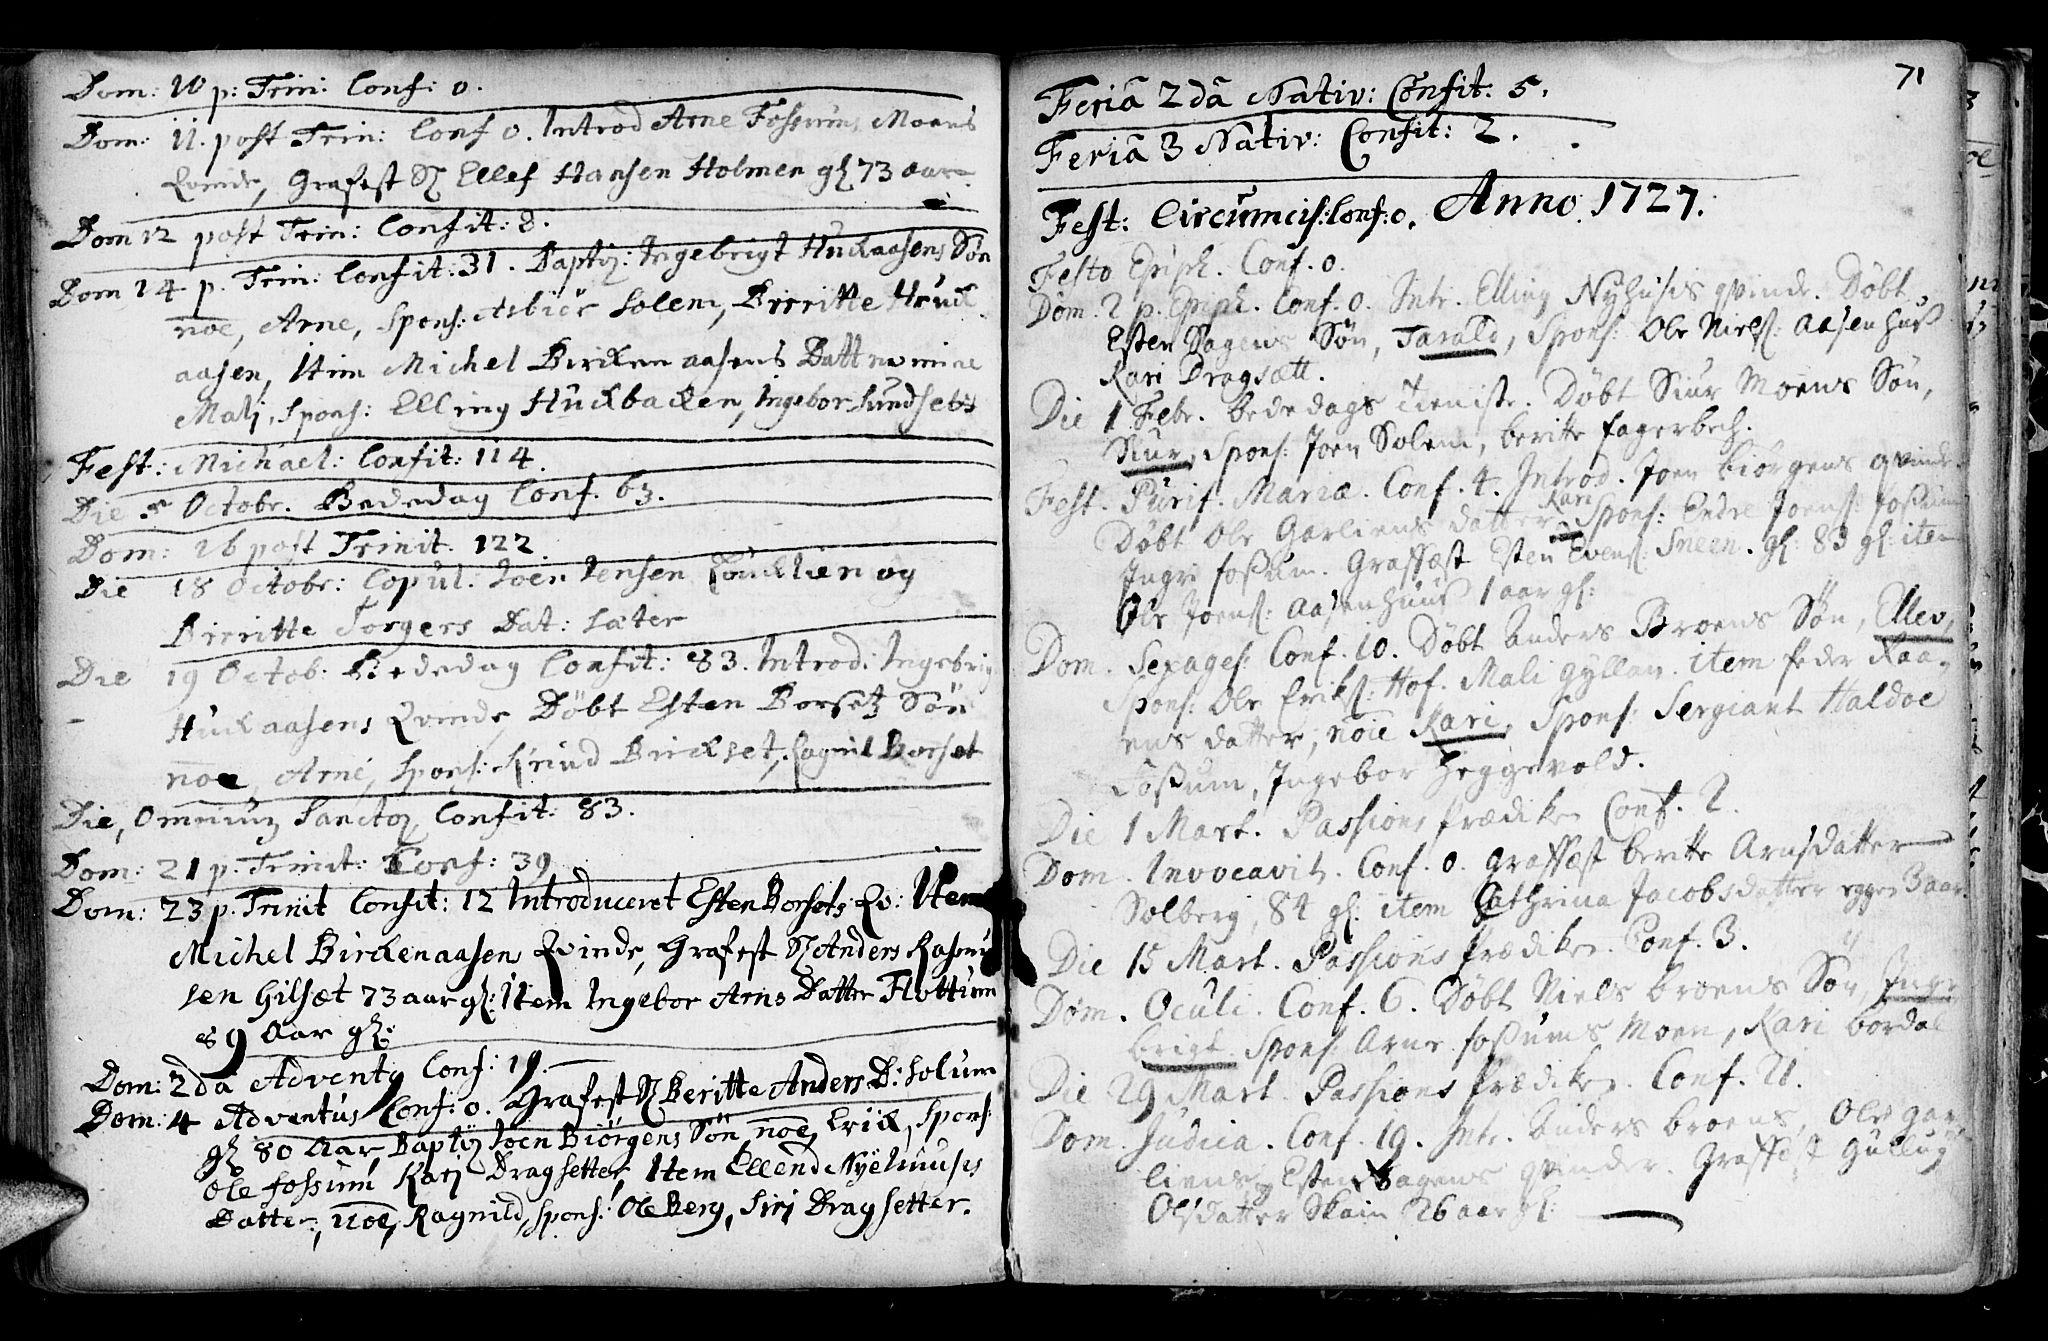 SAT, Ministerialprotokoller, klokkerbøker og fødselsregistre - Sør-Trøndelag, 689/L1036: Ministerialbok nr. 689A01, 1696-1746, s. 71